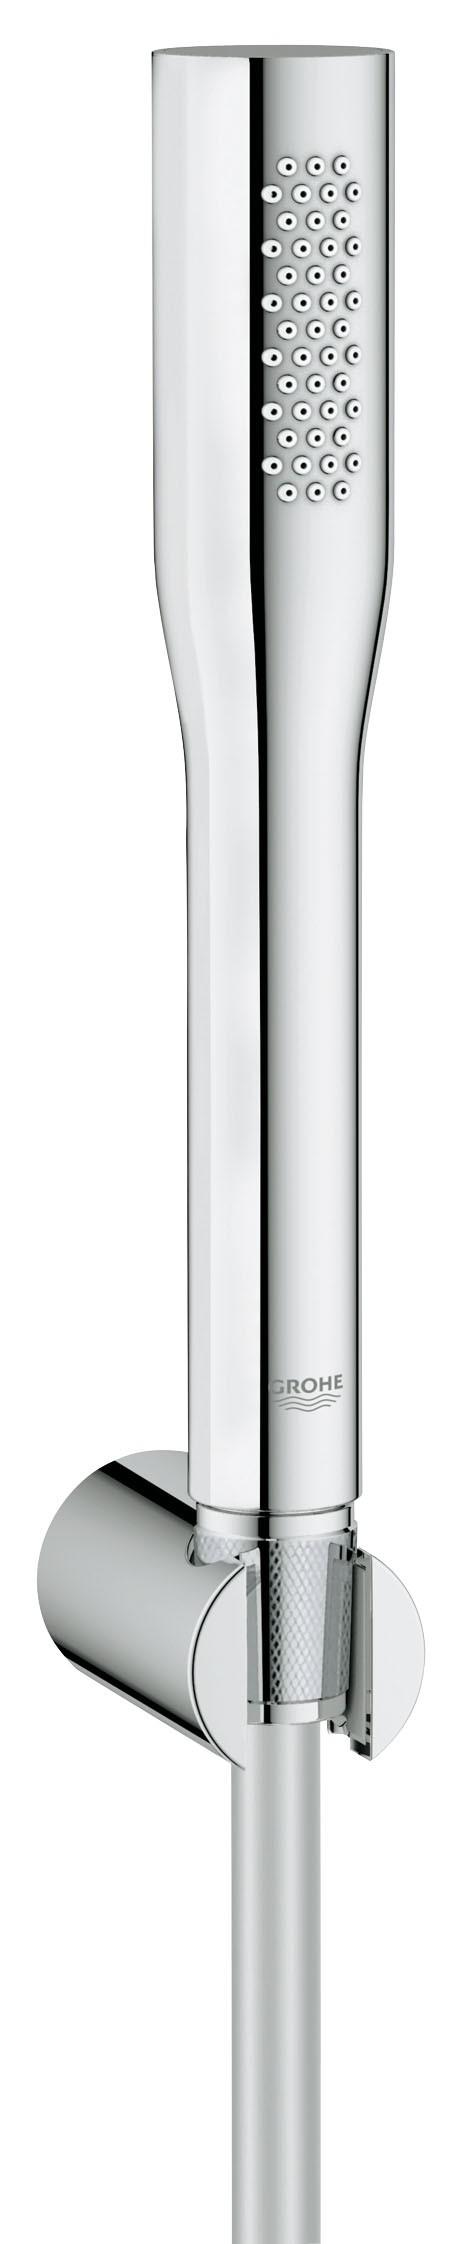 Душевой набор Grohe 27369000 Euphoria Cosmopolitan (ручной душ, настенный держатель, шланг 1500 мм), хром